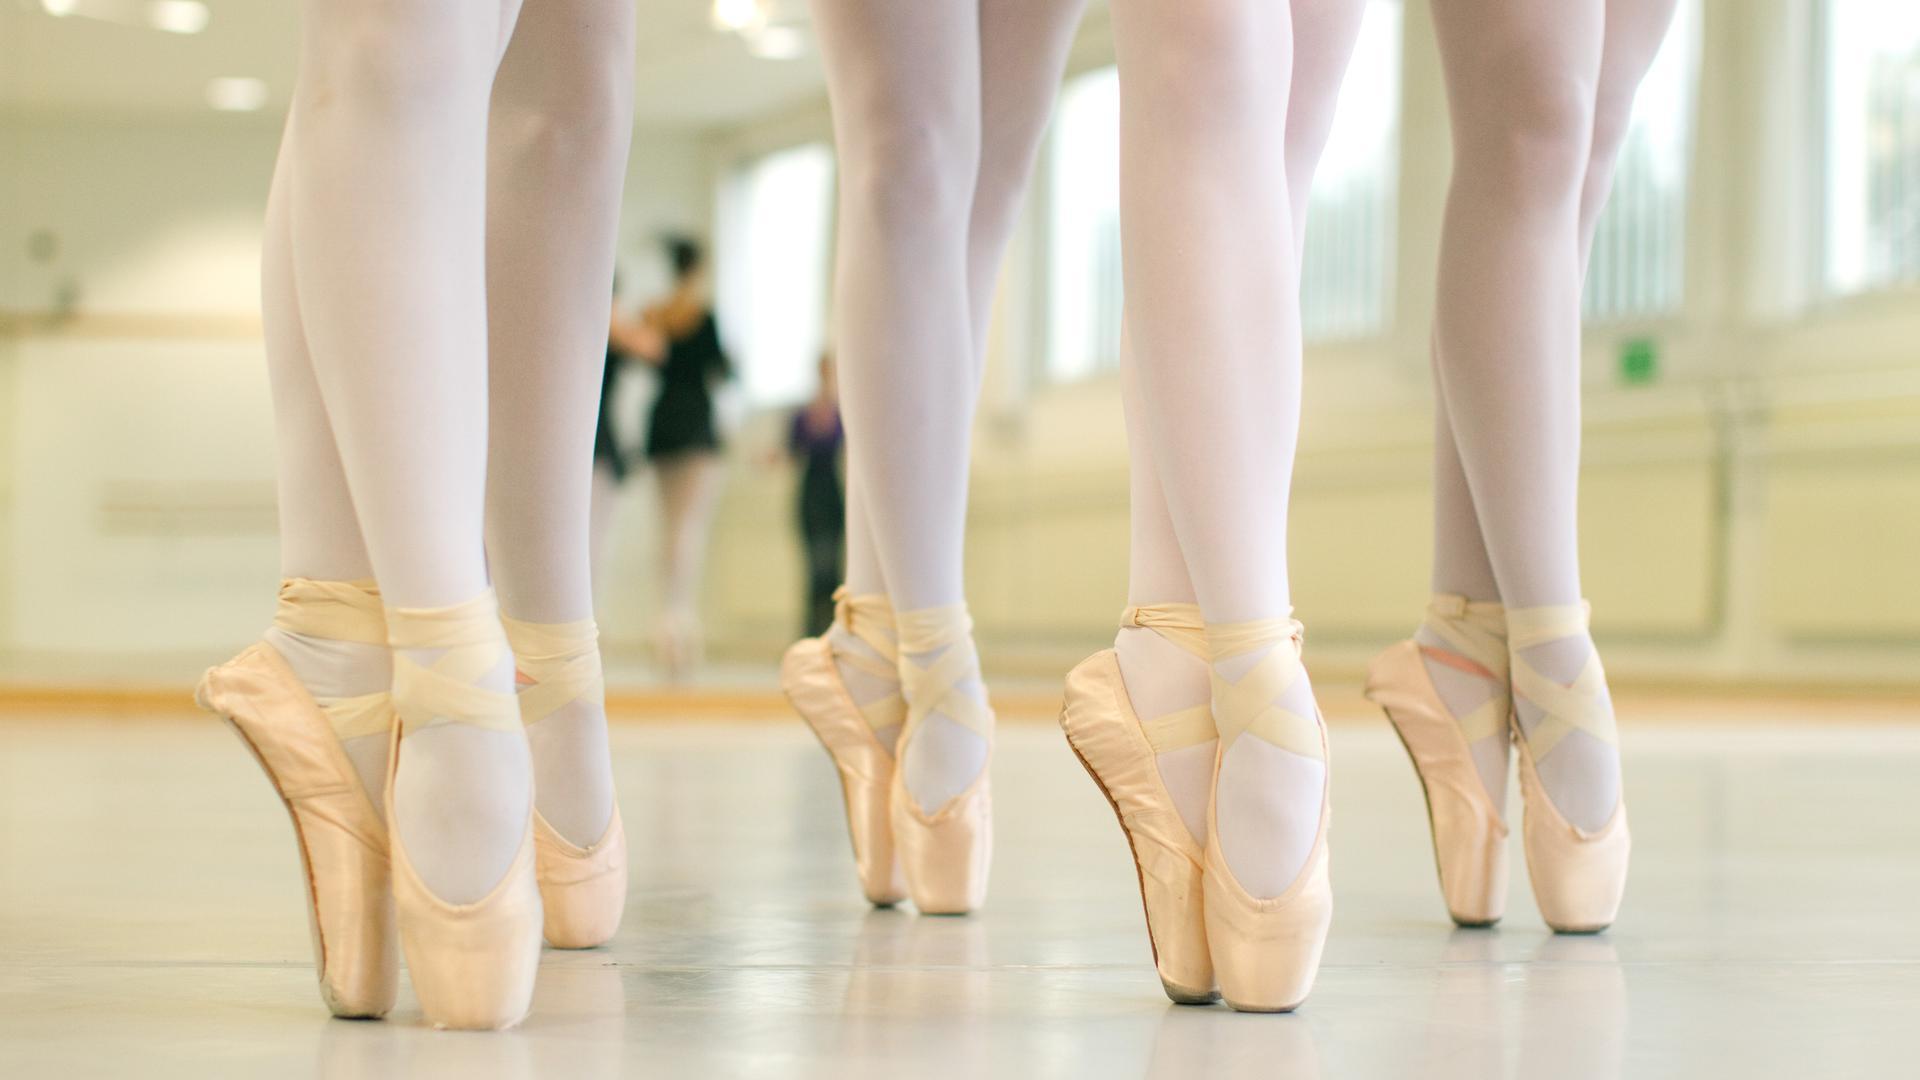 Nachwuchstalente können weiterarbeiten: Mit dem Beschluss des Landes Baden-Württemberg dürfen Tanzschüler, die an einem berufsvorbereitenden Programm teilnehmen, wieder unterrichtet werden.